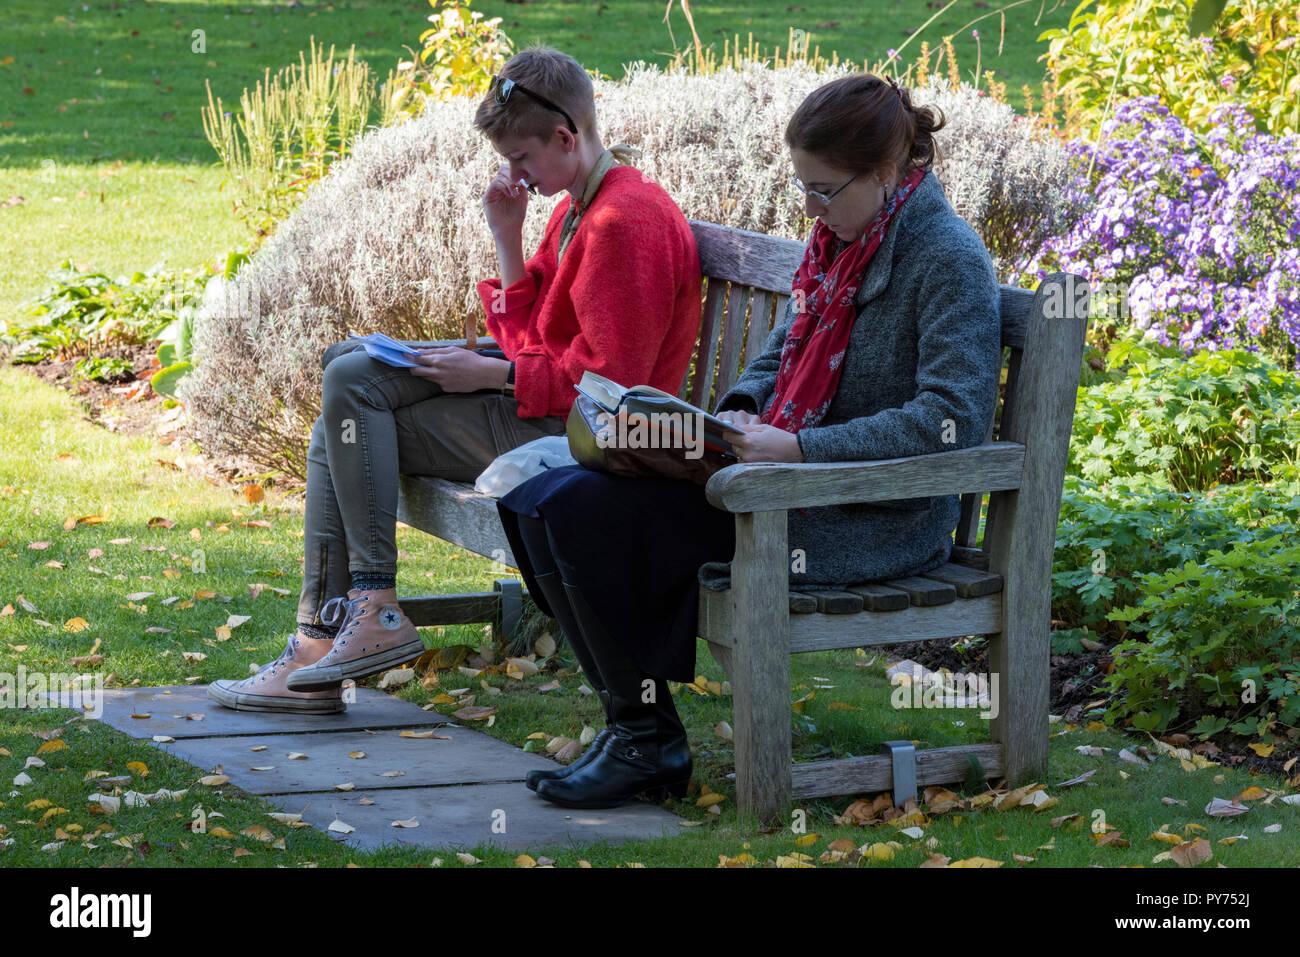 Deux jeunes femmes ou les femmes étudiants assis ou assis sur un banc en bois dans le jardin de l'évêque à la cathédrale de Chichester dans le West Sussex la lecture de livres. Banque D'Images